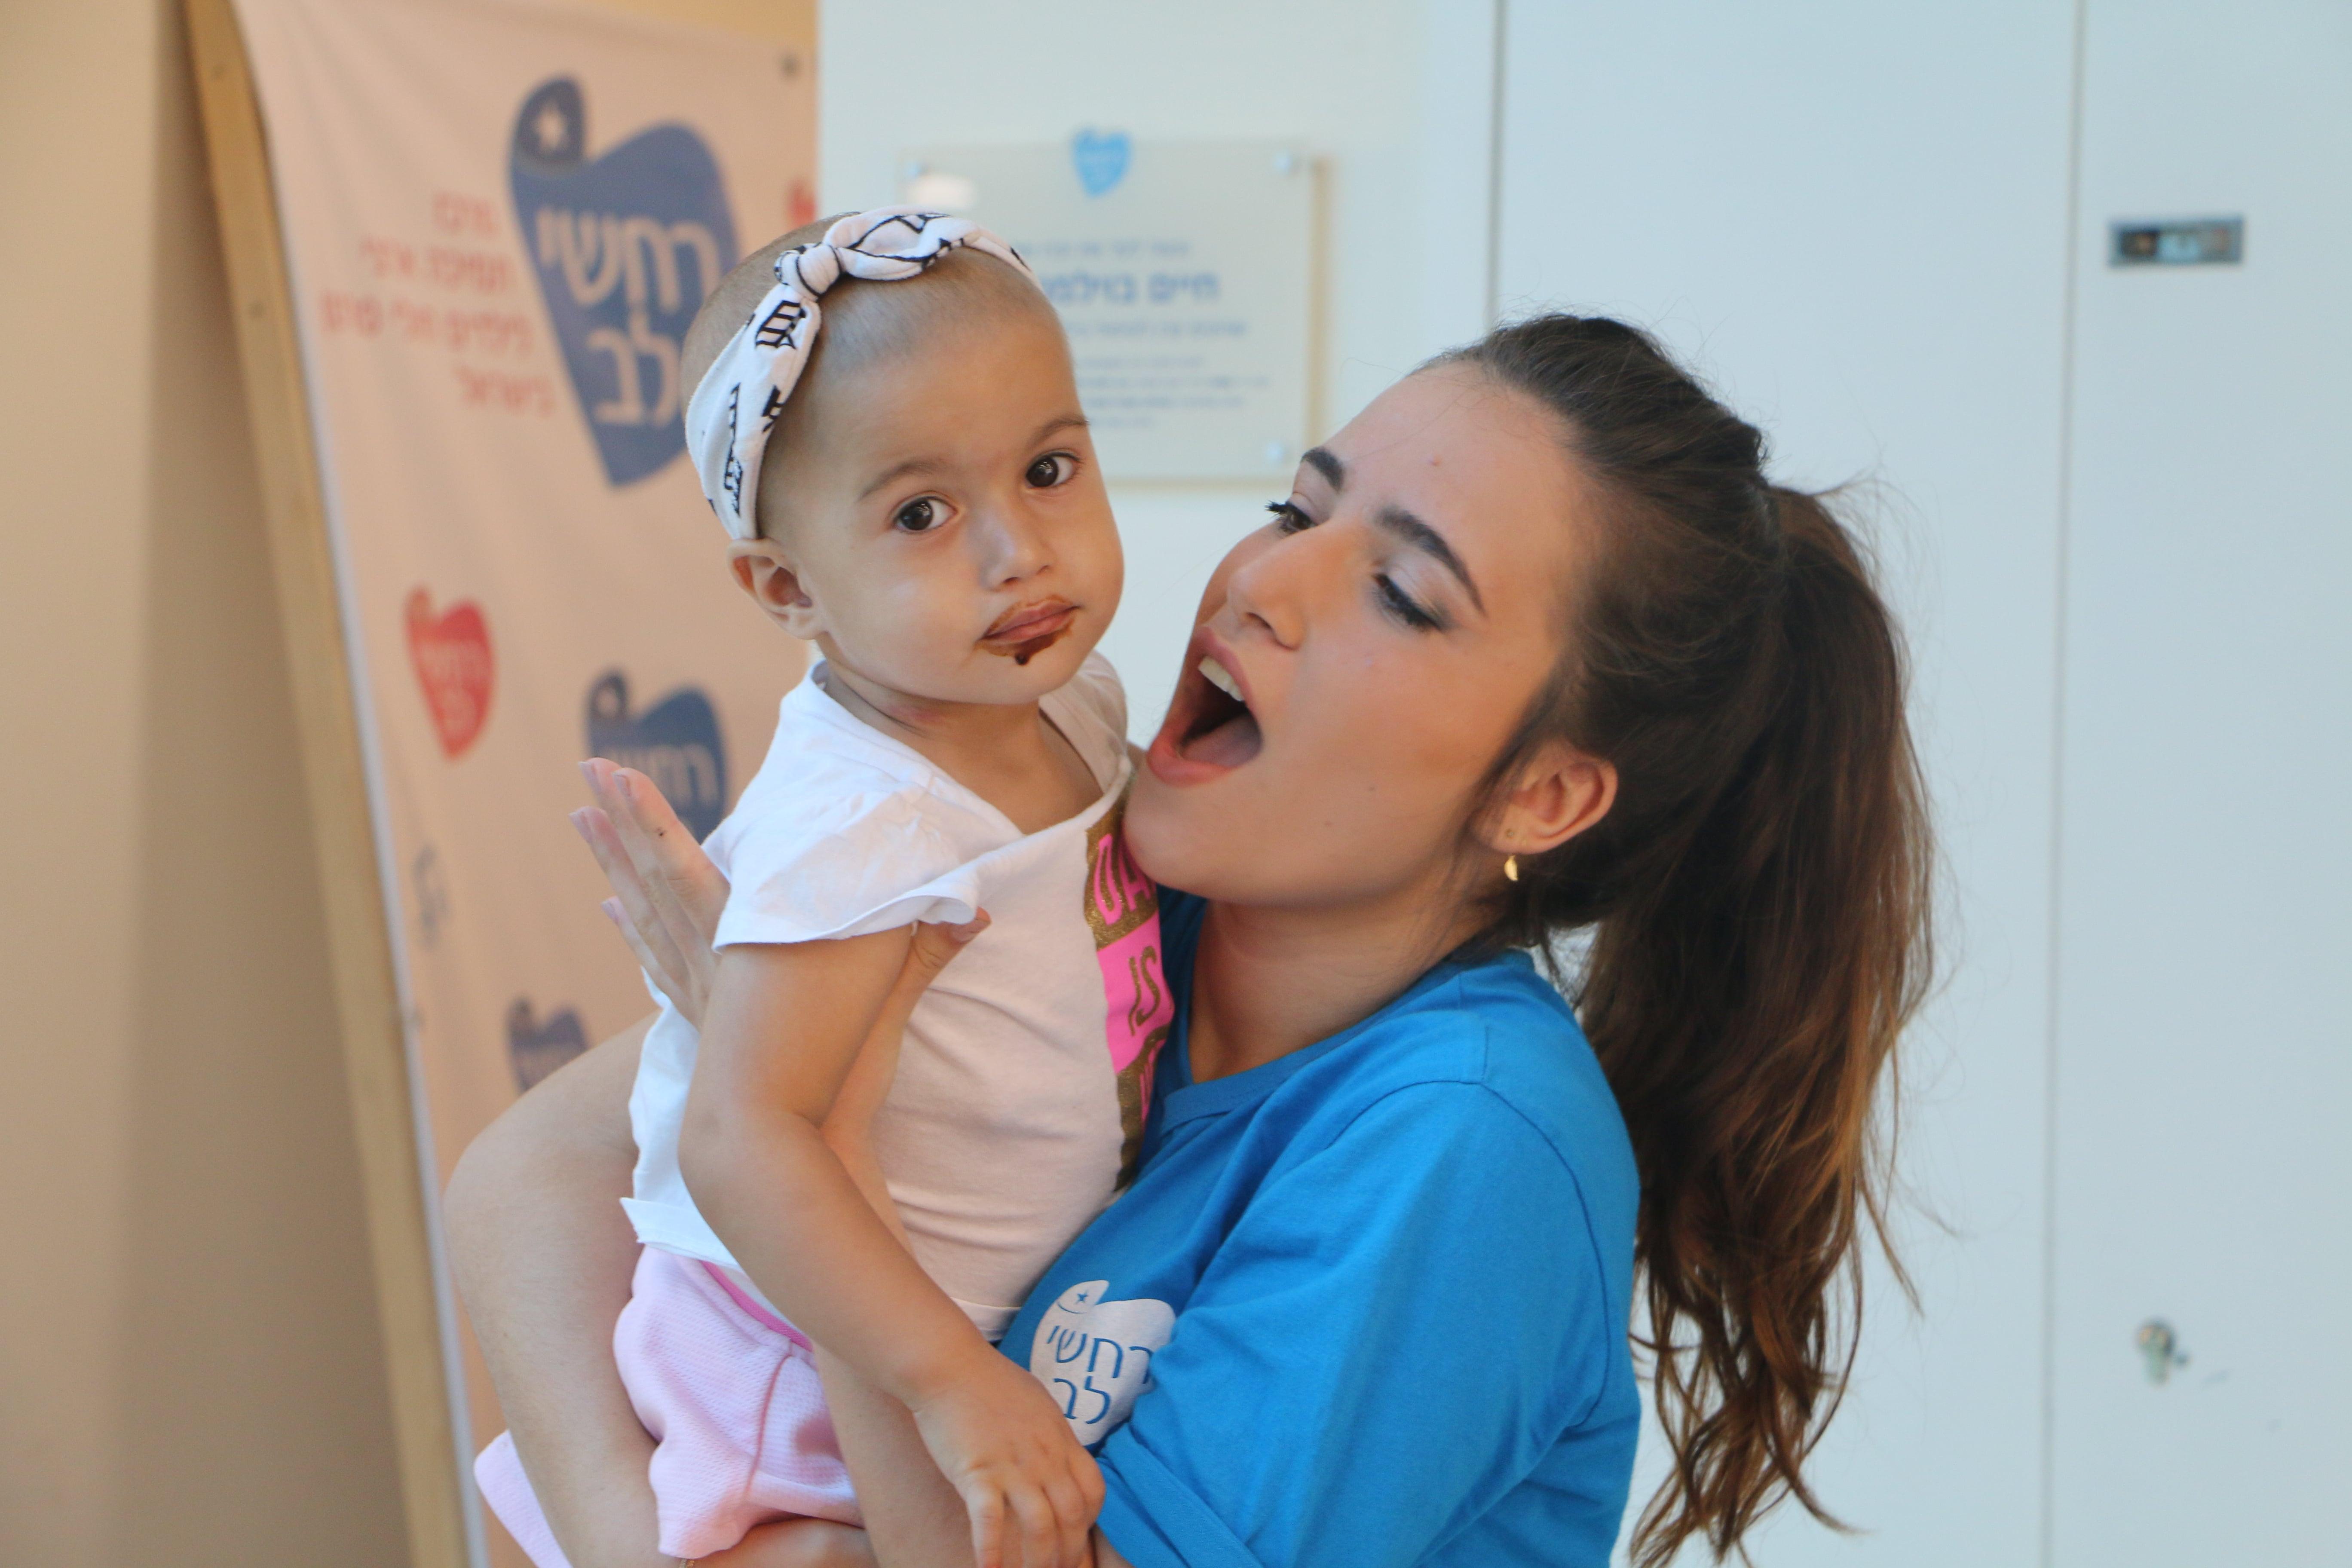 רחשי לב - תורמים ומצילים חיים של ילדים חולי סרטן